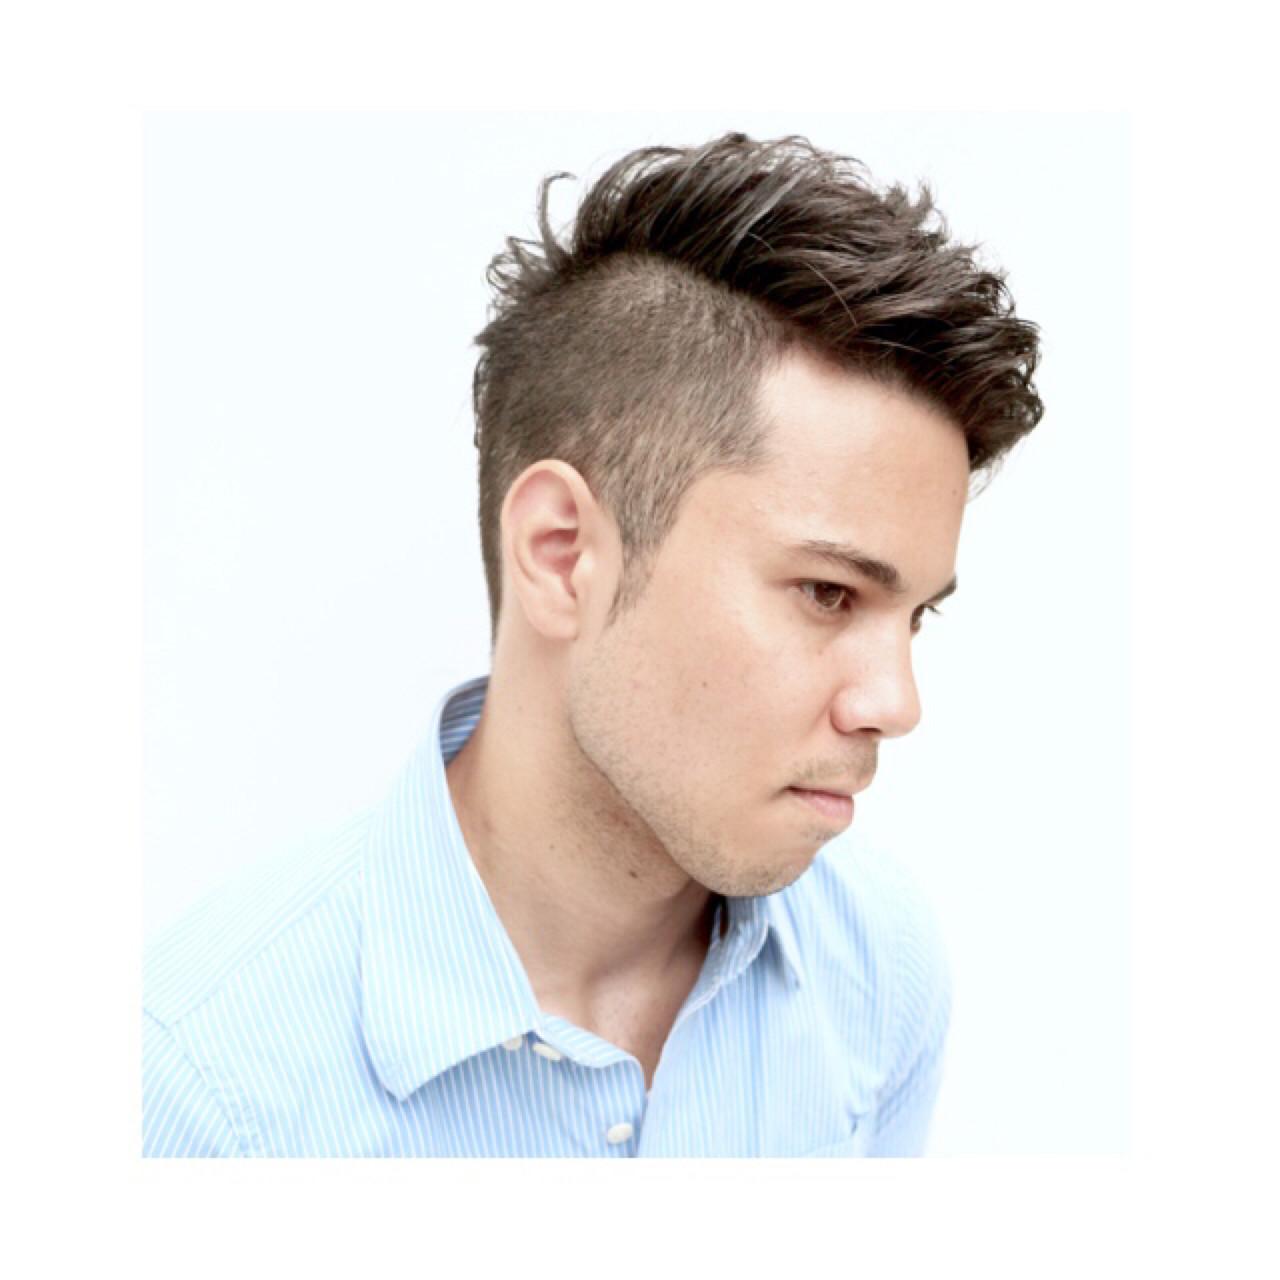 外国人風 坊主 ボーイッシュ ストリート ヘアスタイルや髪型の写真・画像 | ◆Takumi◆ / Beronica